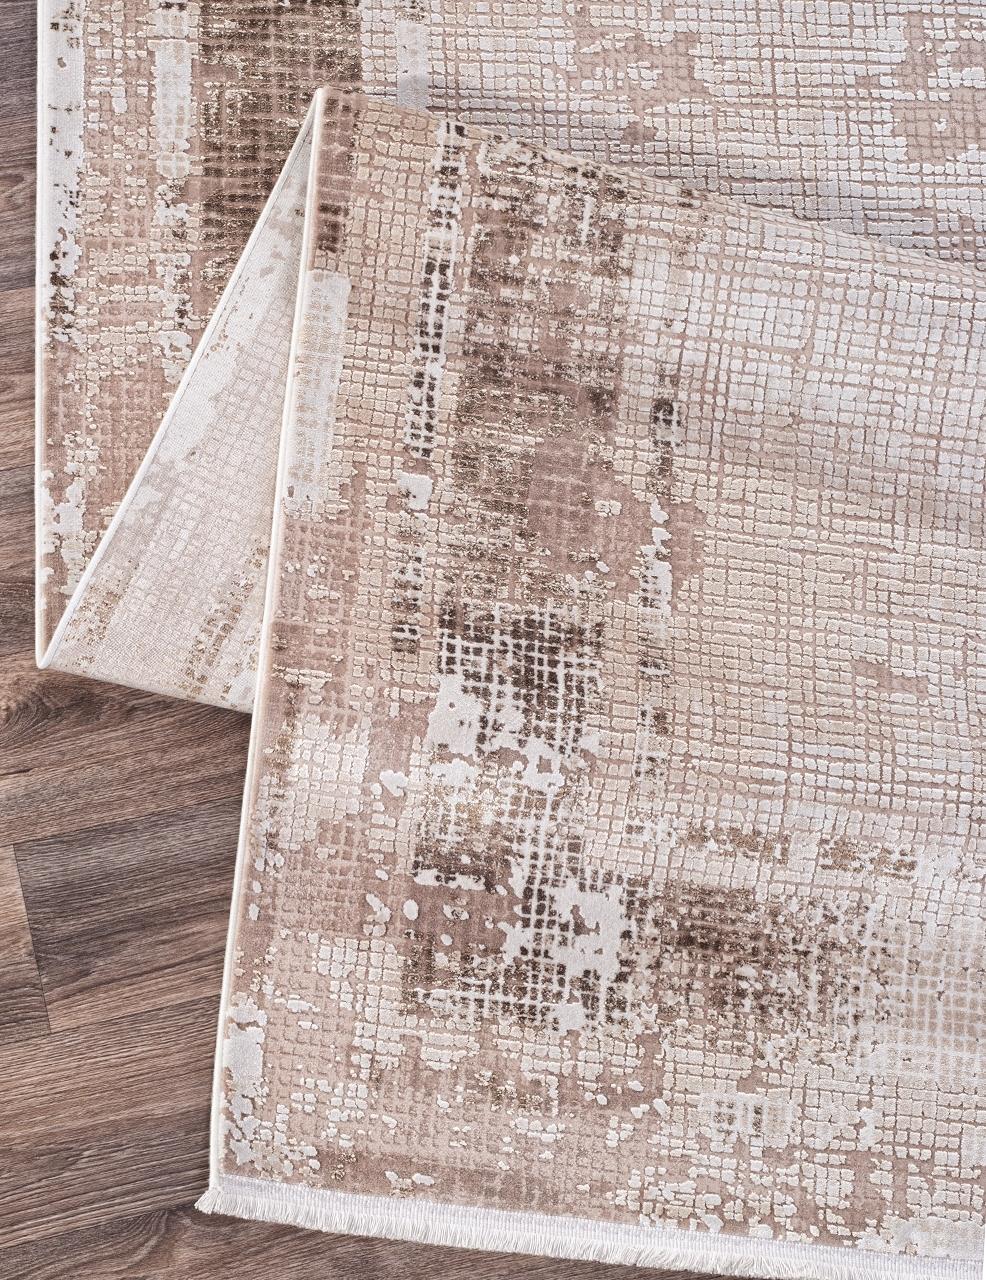 Ковер 19167 - 070 BEIGE - Прямоугольник - коллекция CREANTE - фото 5